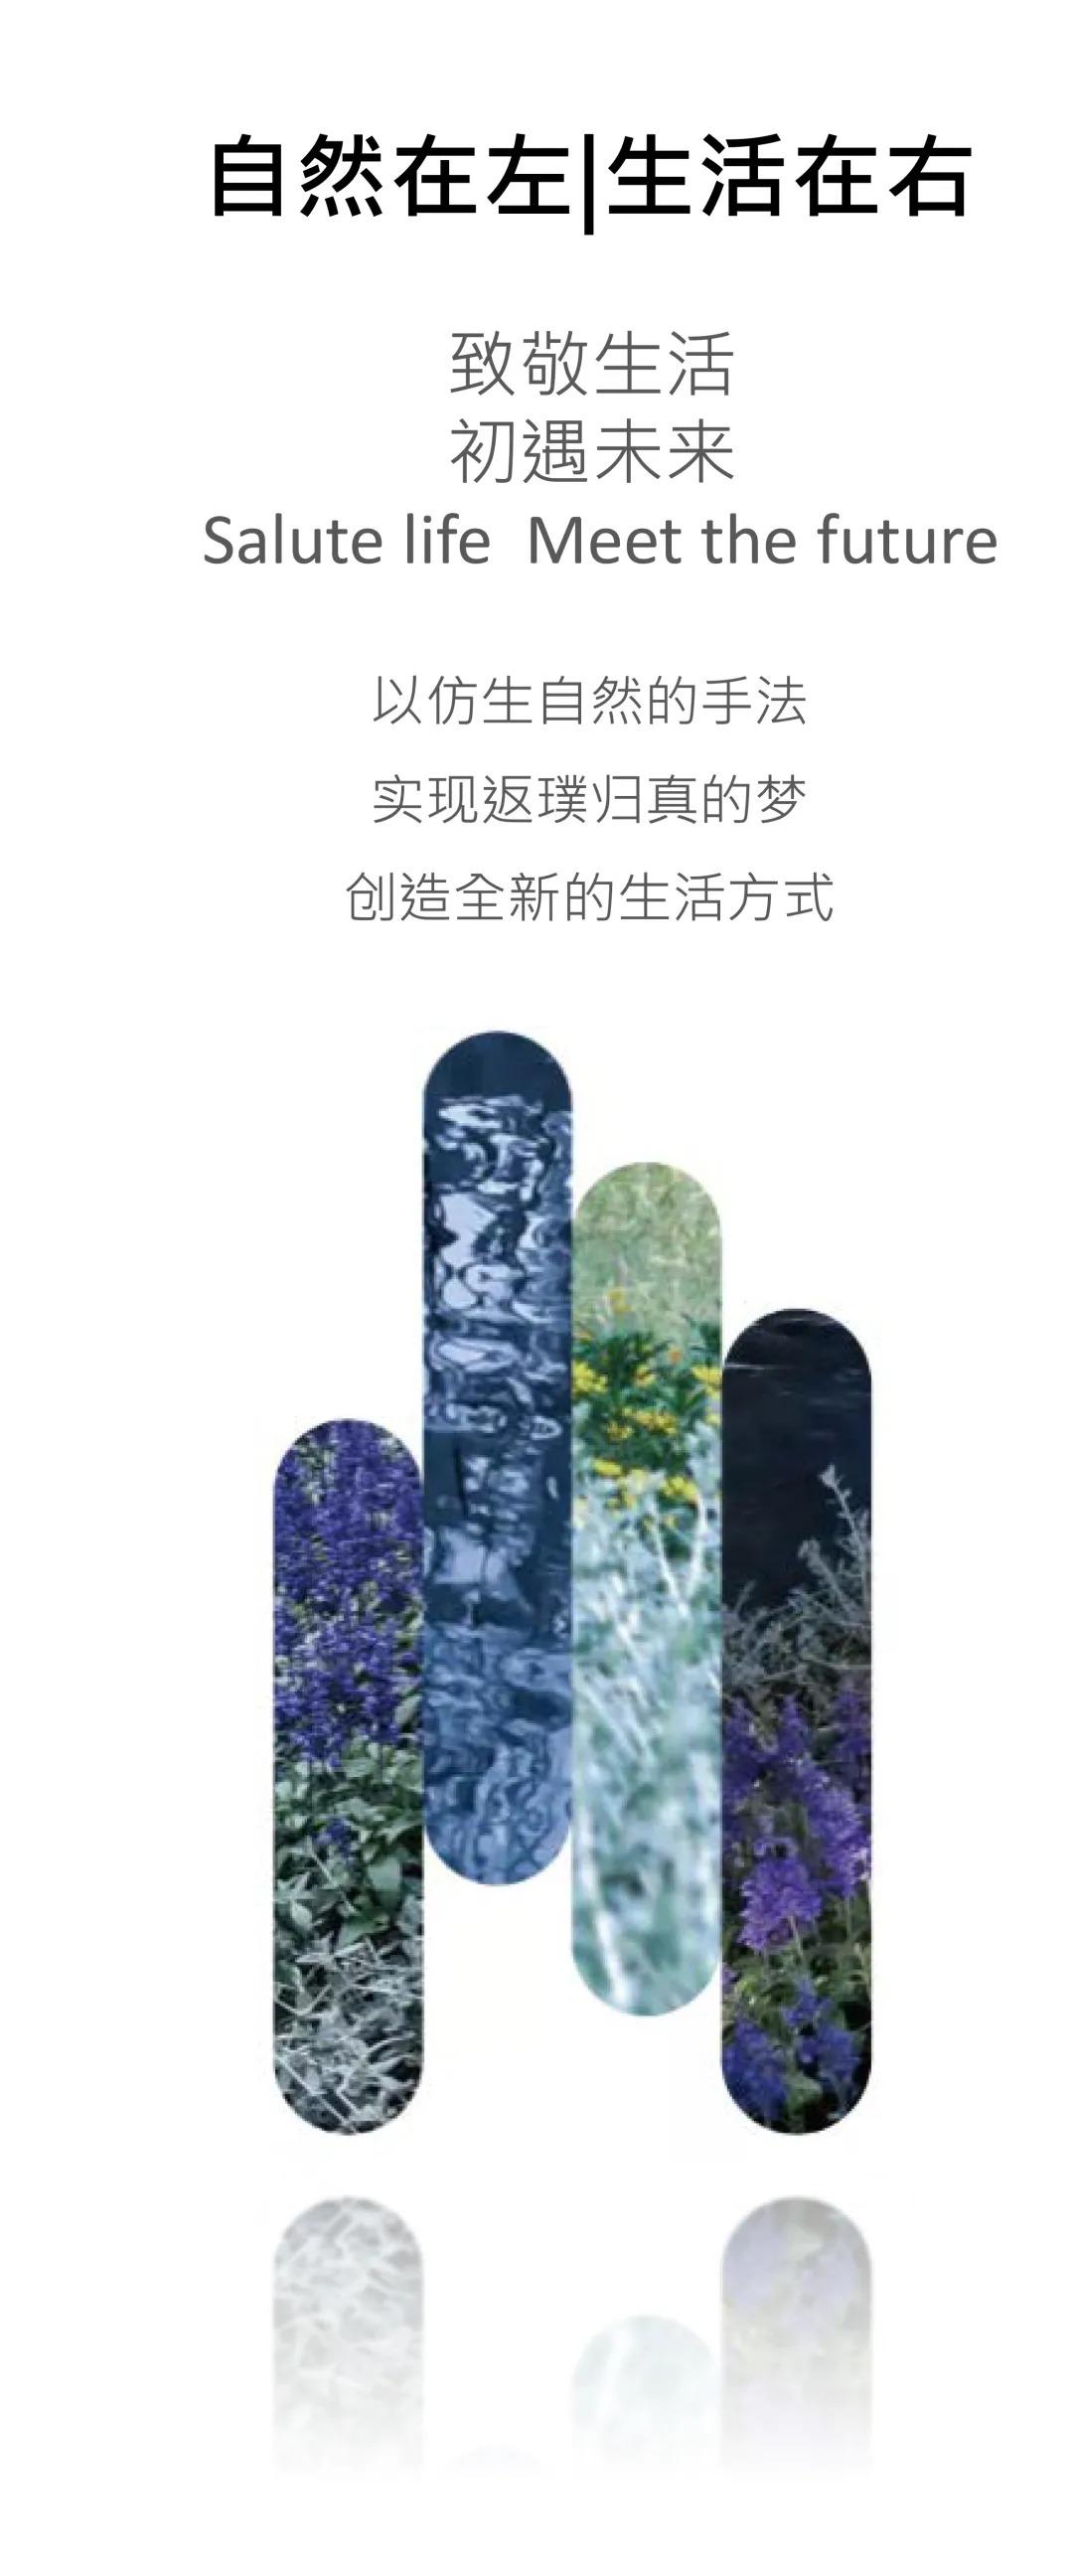 嘉兴万科·泊樾湾 景观设计  /  上海柏涛